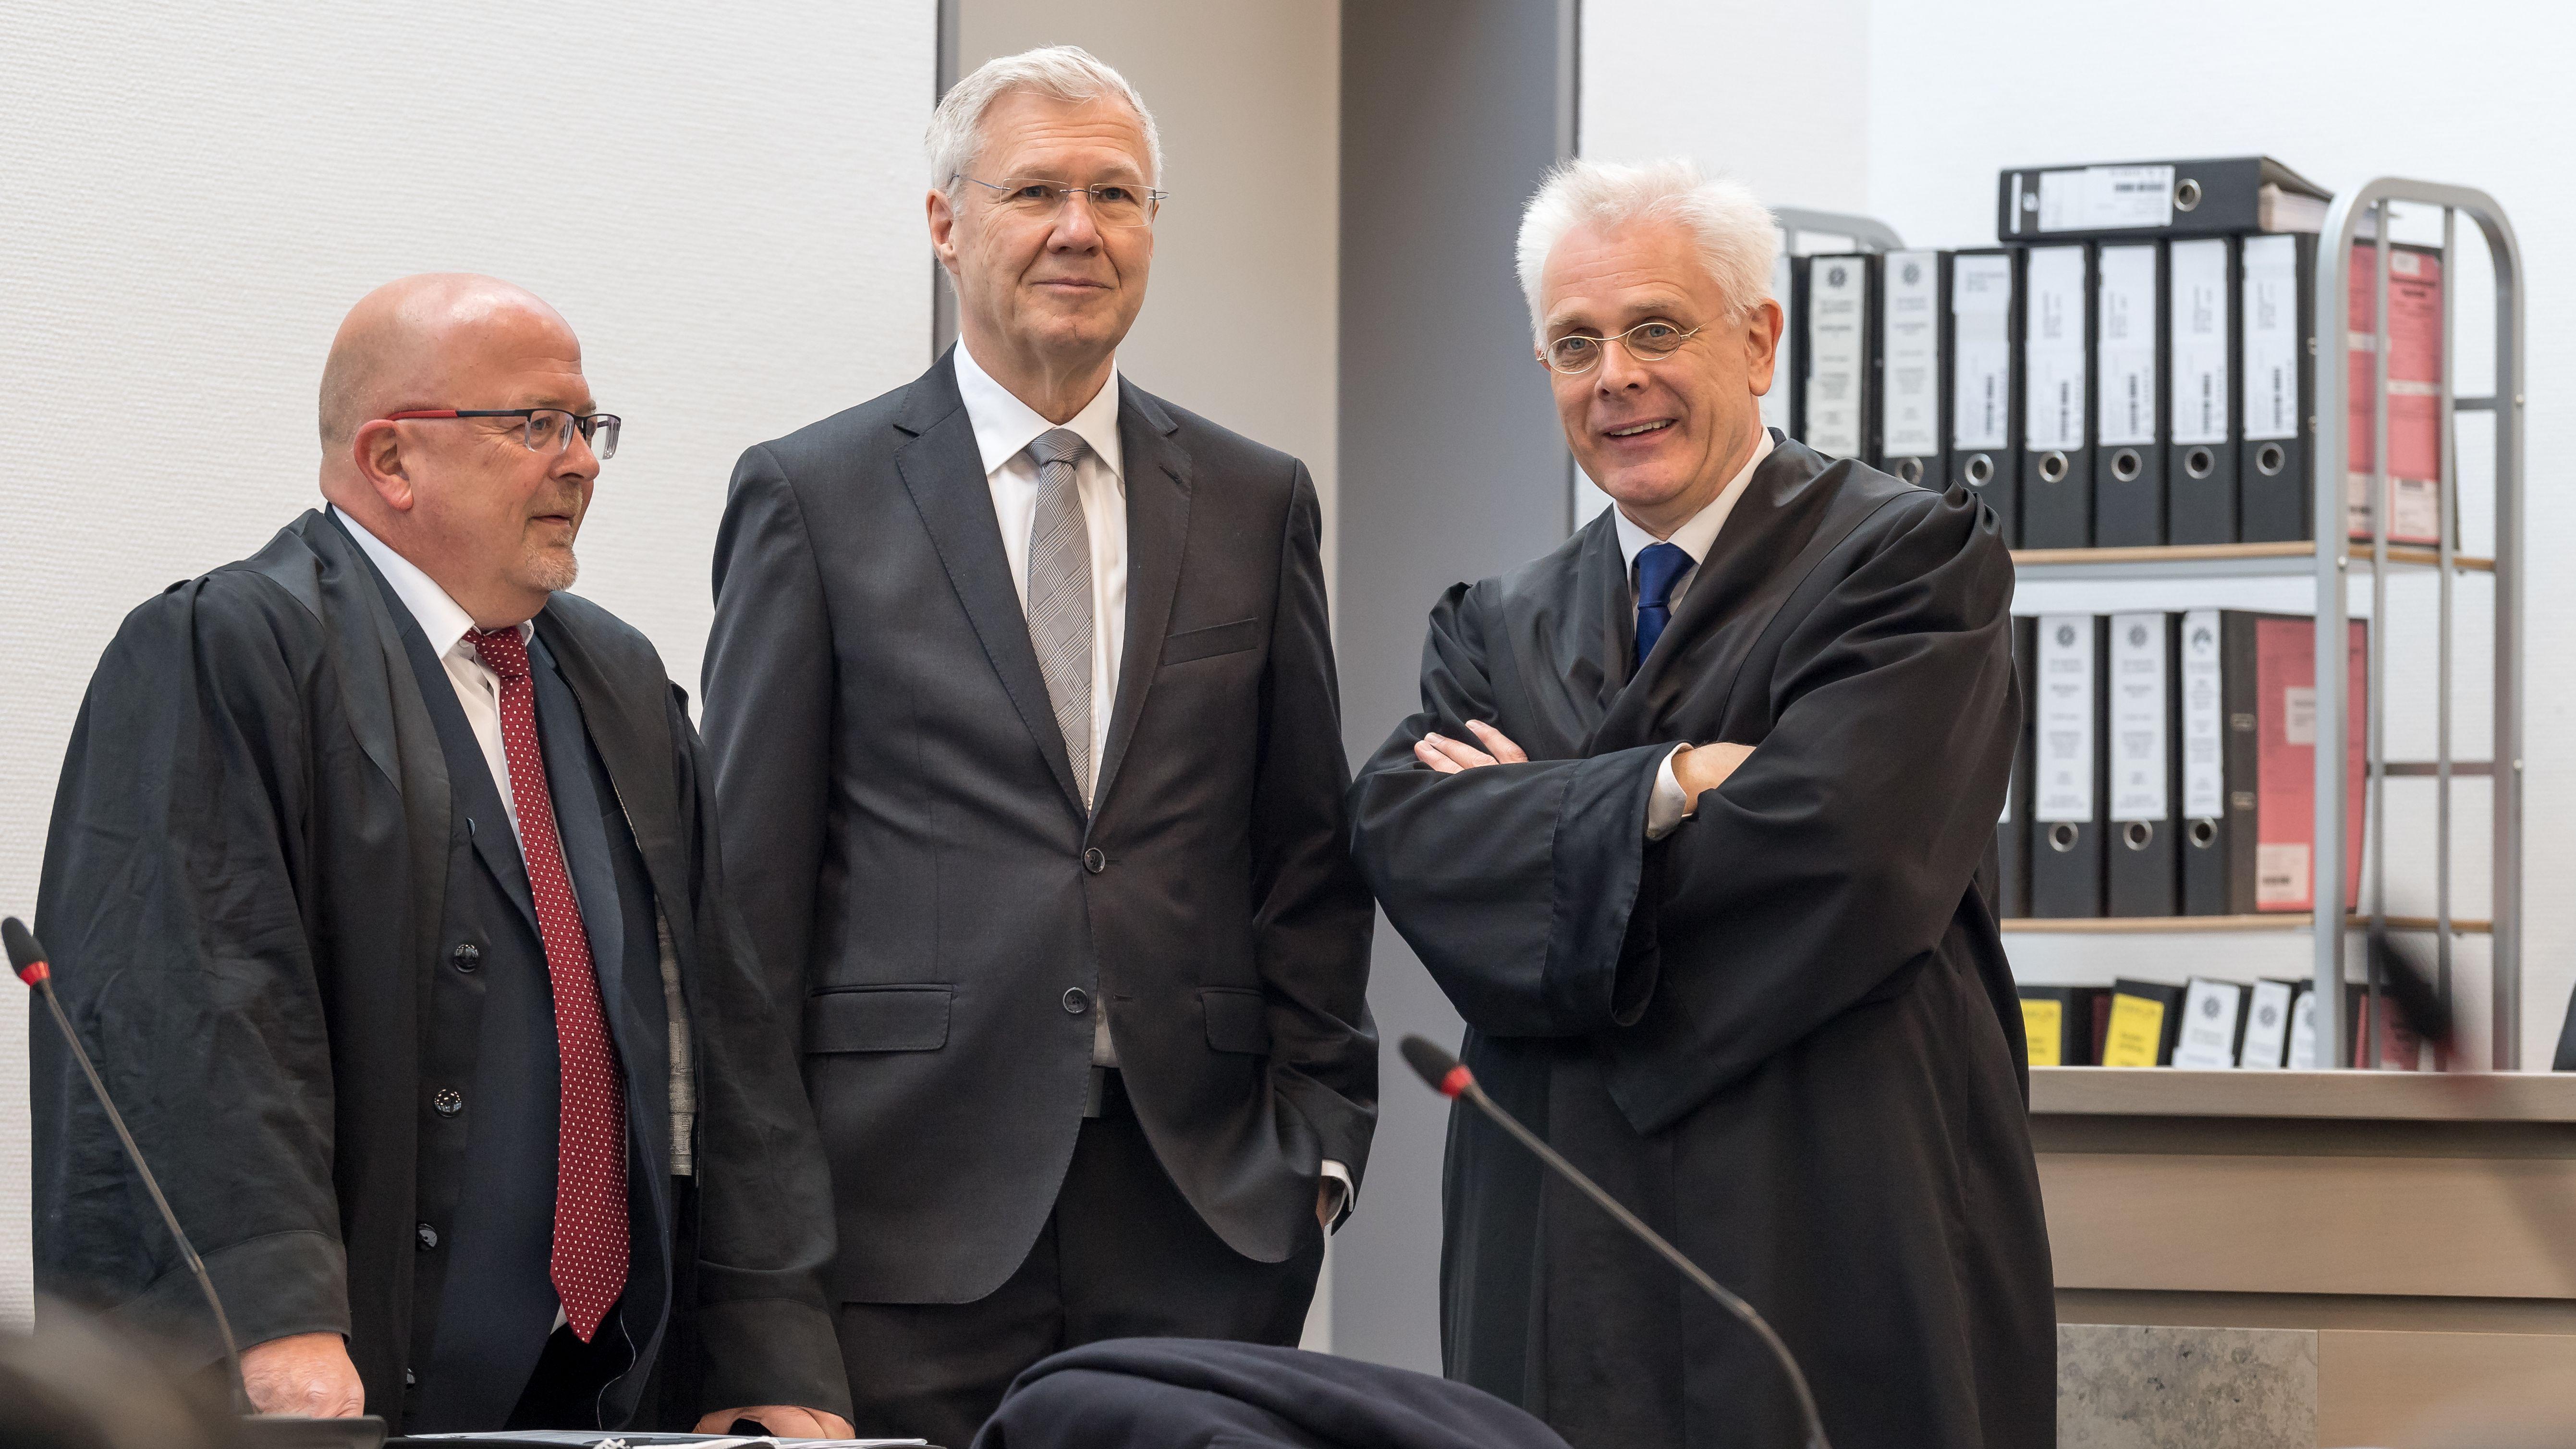 Alfred Lehmann mit seinen Anwälten Jörg Gragert (l.) und Andreas Mariassy (r.).